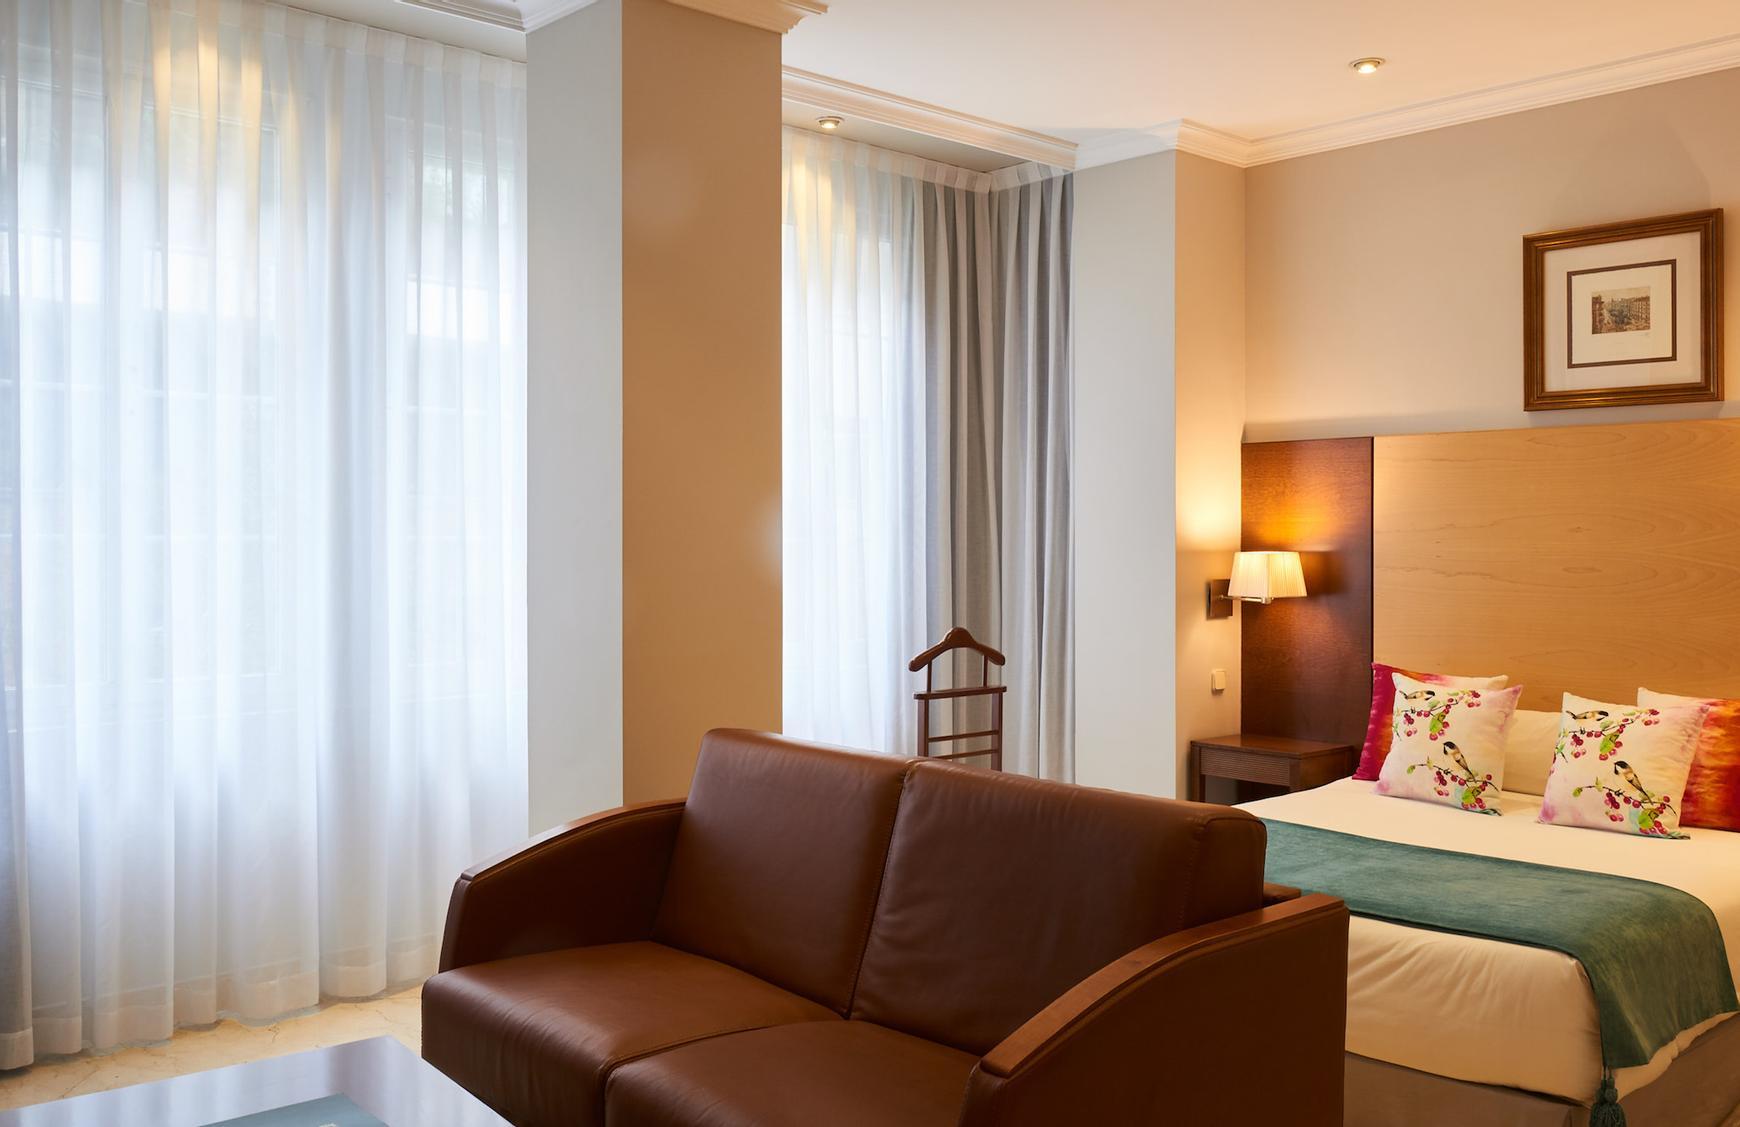 Junior suite hotel suites barrio de salamanca madrid for Codigo postal del barrio de salamanca en madrid